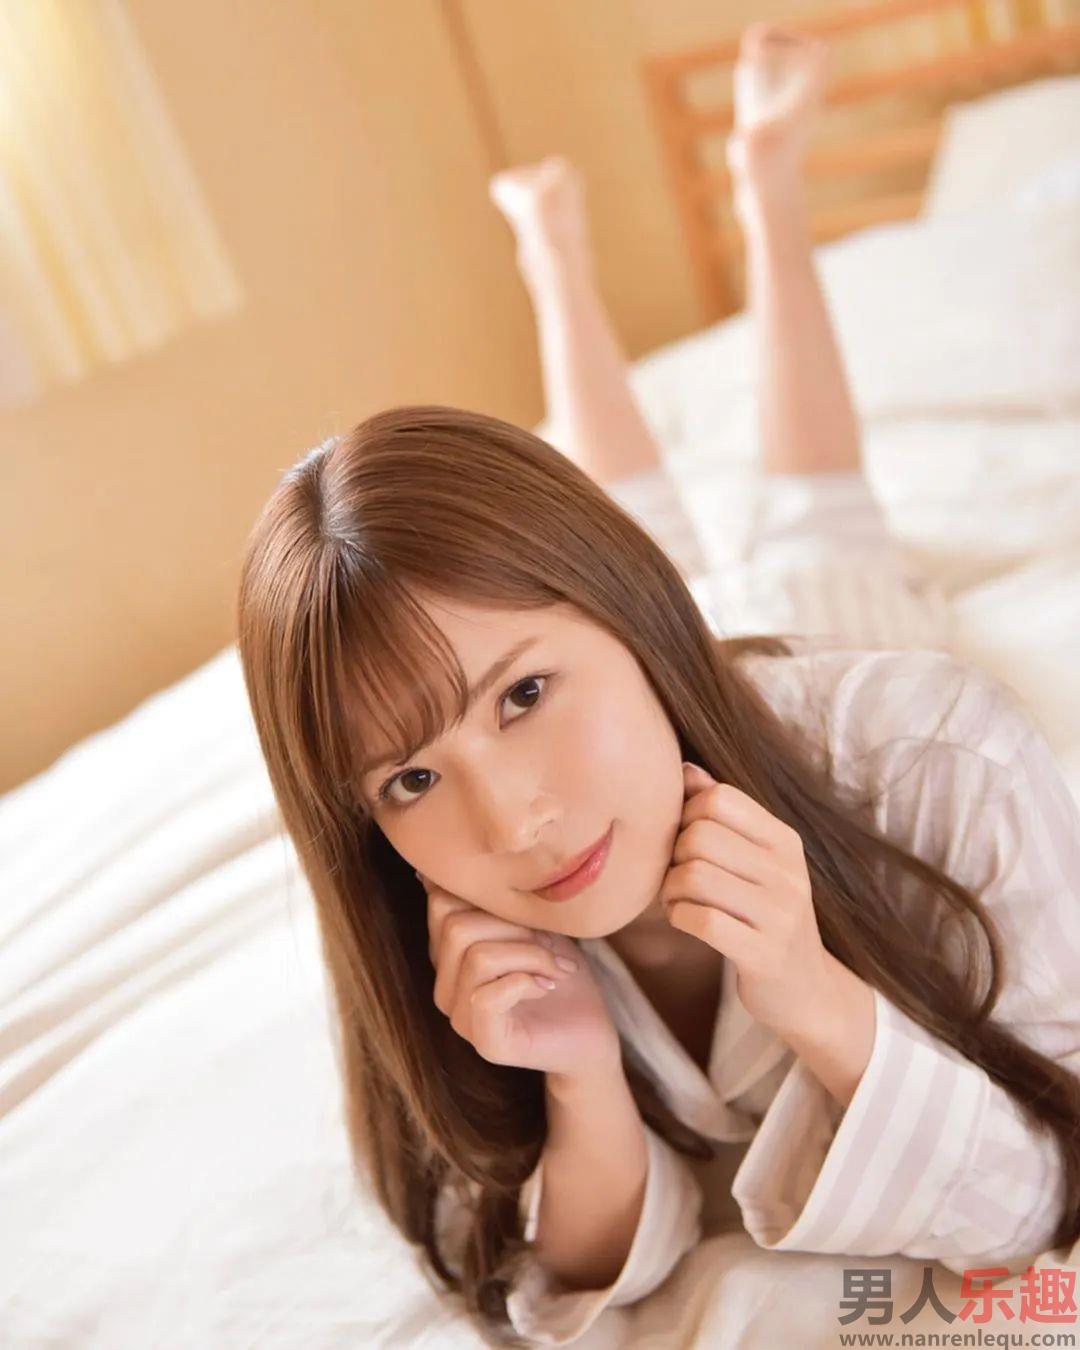 IPX-506:美女上司岬奈奈美不穿内衣激发性青年下属欲望